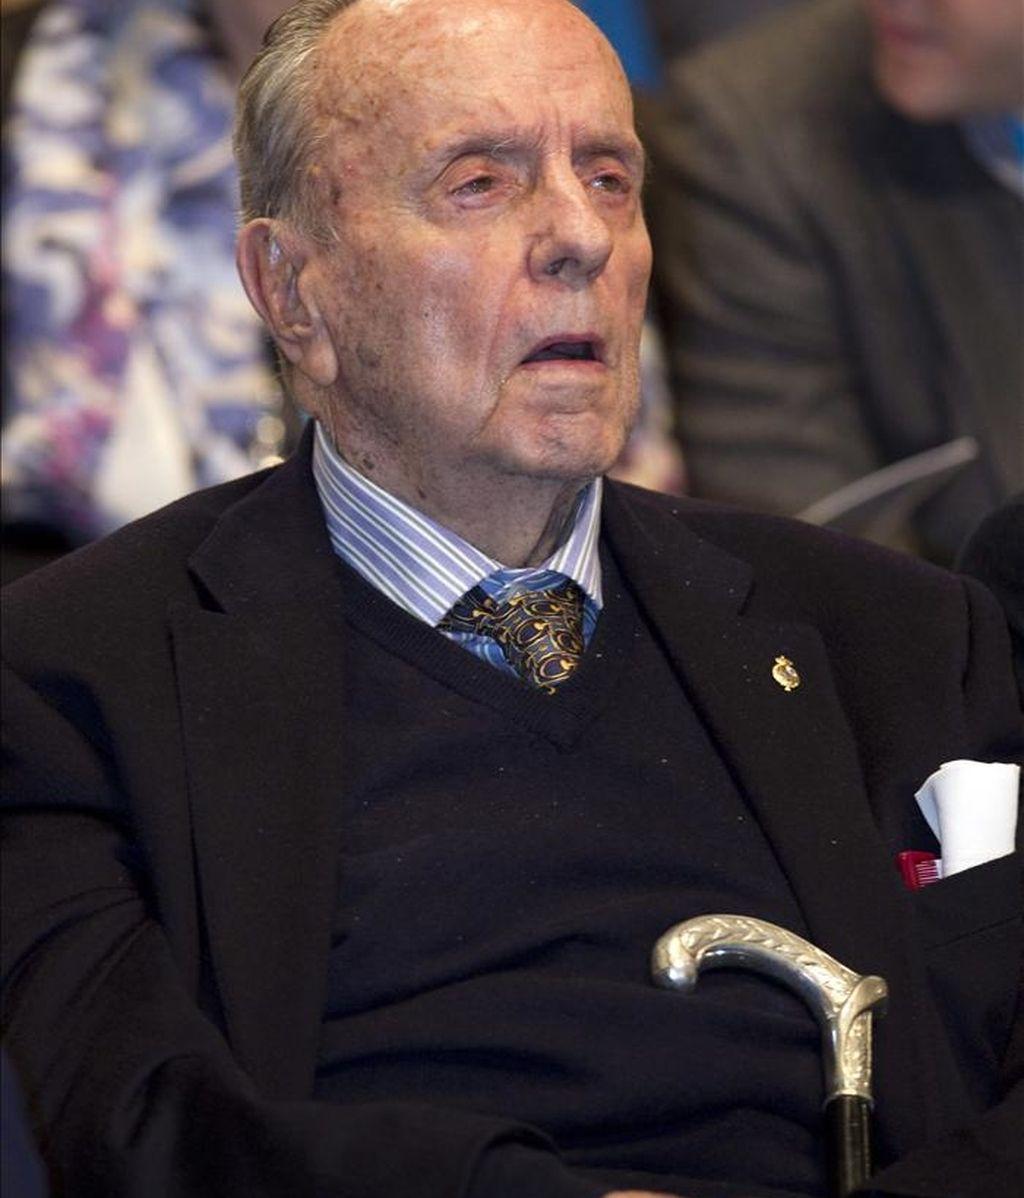 El presidente fundador del PP, Manuel Fraga. EFE/Archivo